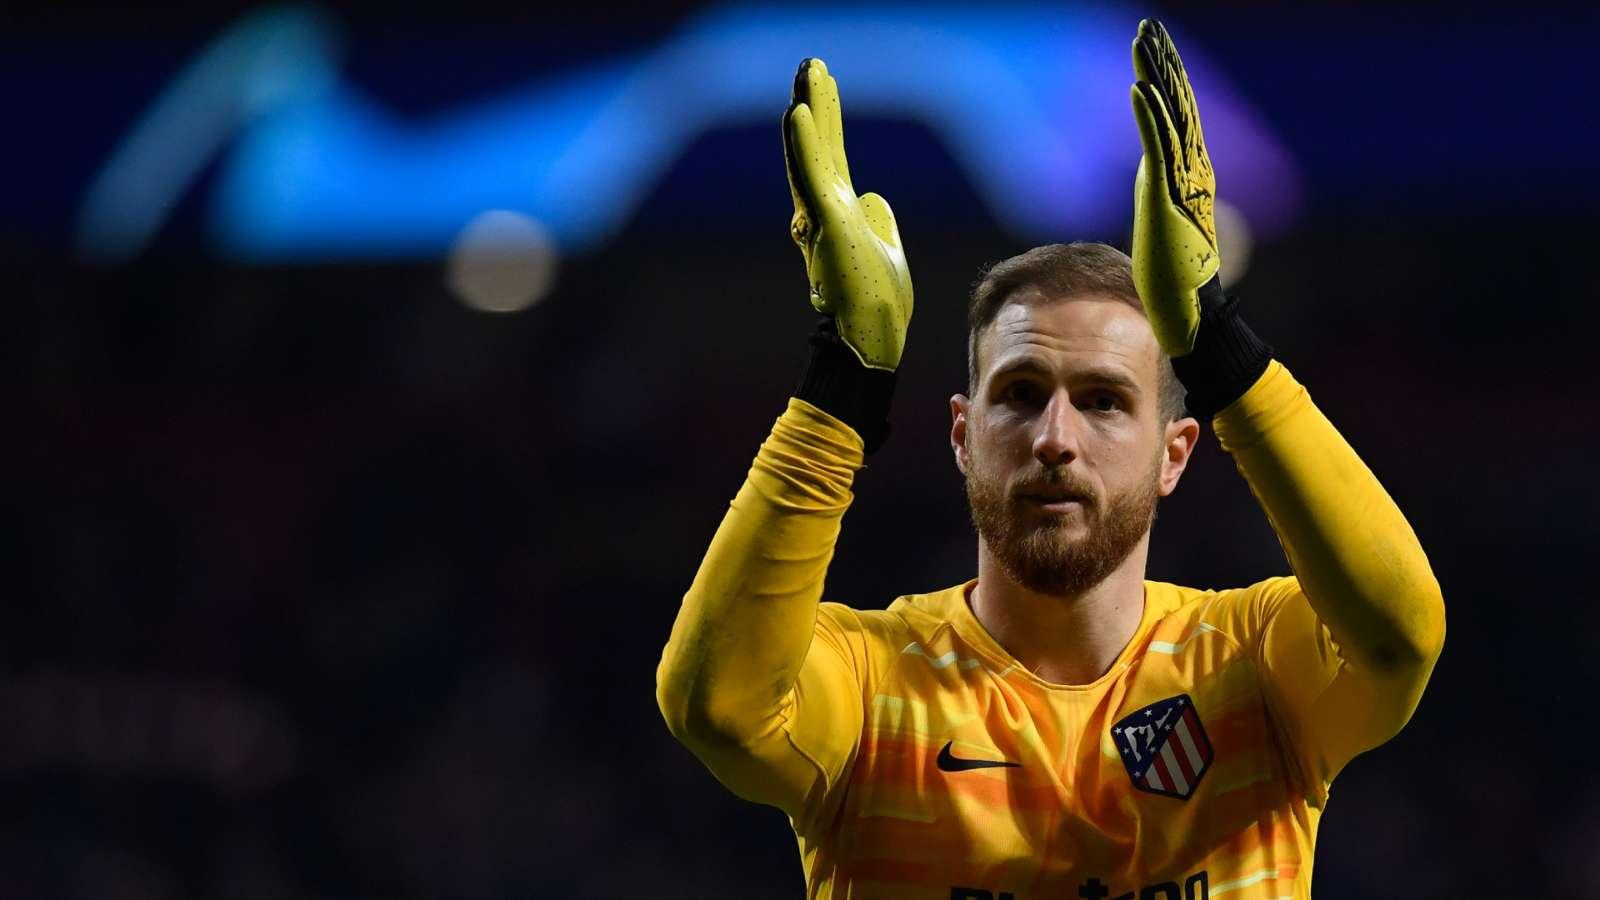 Zërat e merkatos, Correa: Oblak në klub te madh, nuk ka pse largohet